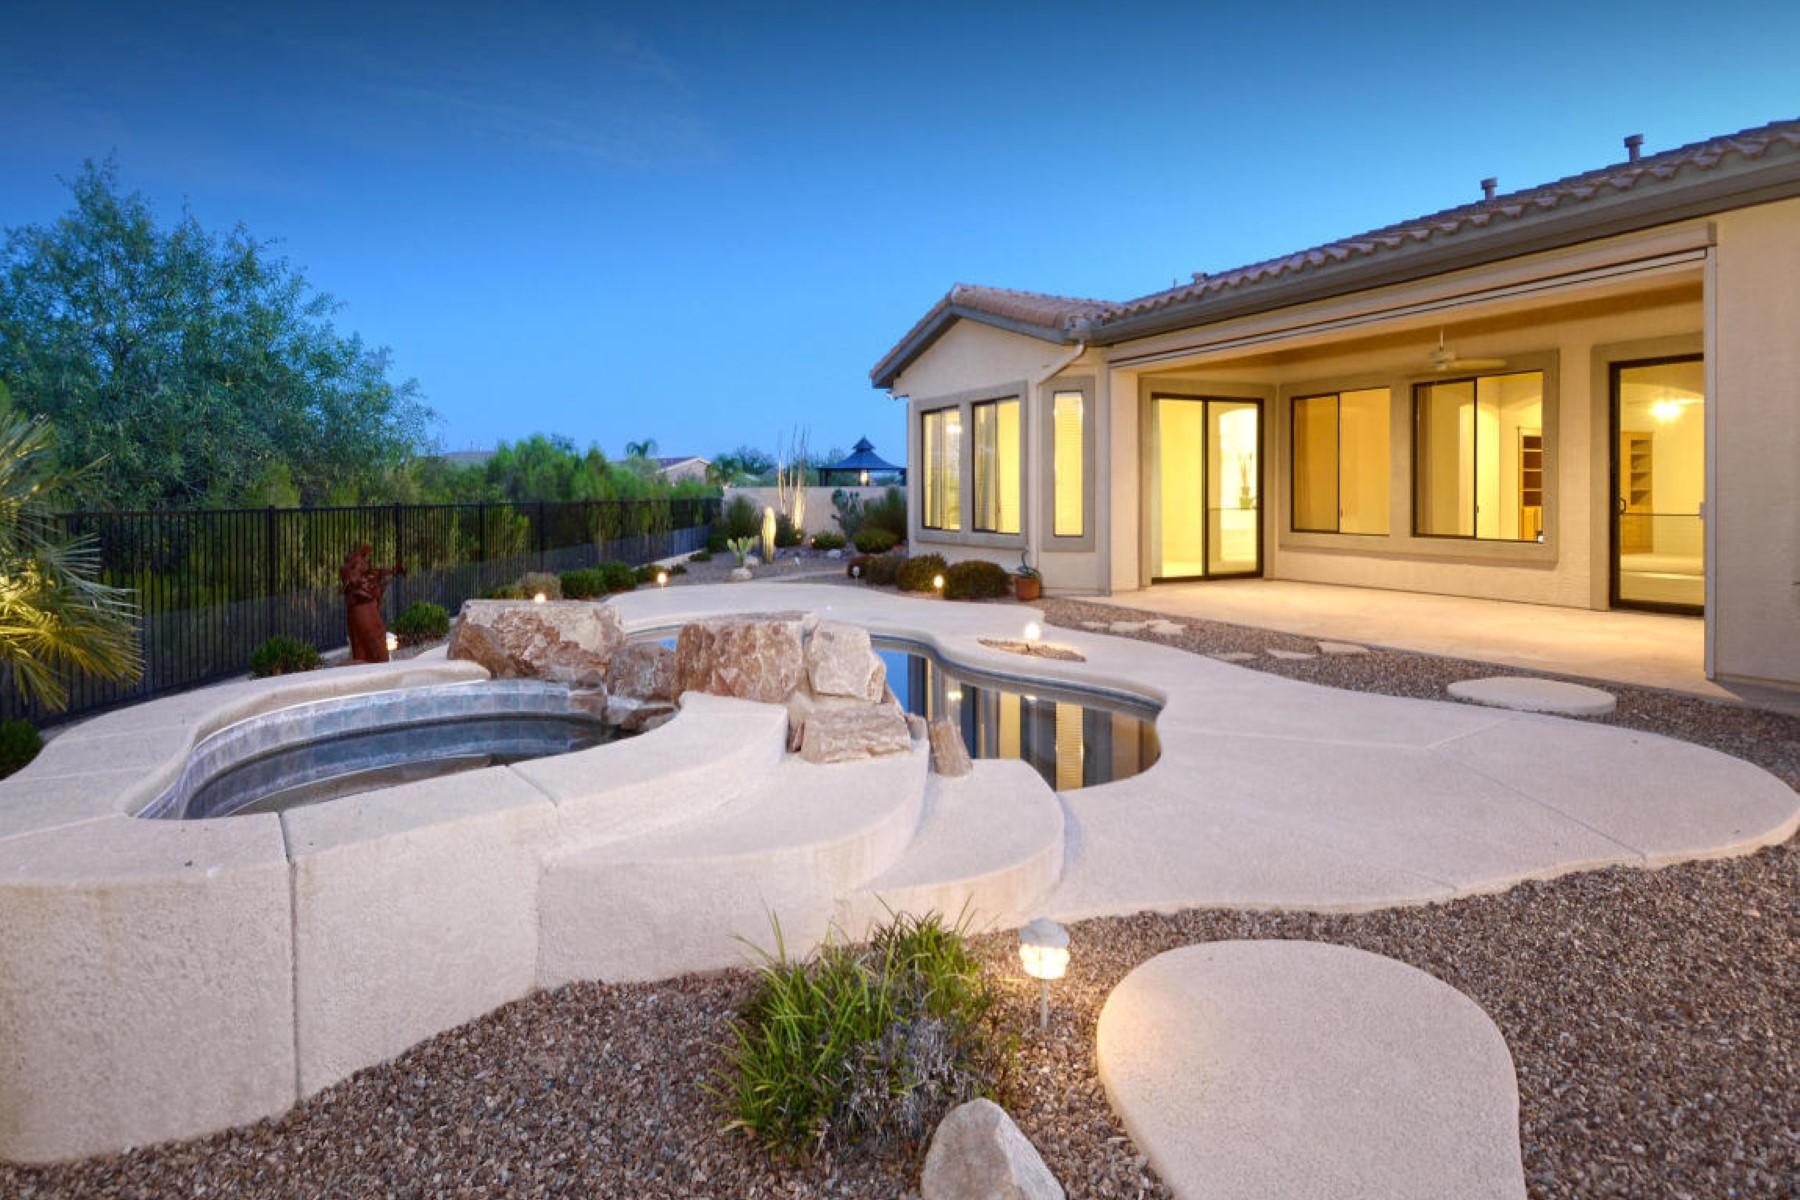 Частный односемейный дом для того Продажа на Oro valley dream amazing home on premium east facing lot 11964 N THORNBUSH Drive Oro Valley, Аризона 85737 Соединенные Штаты